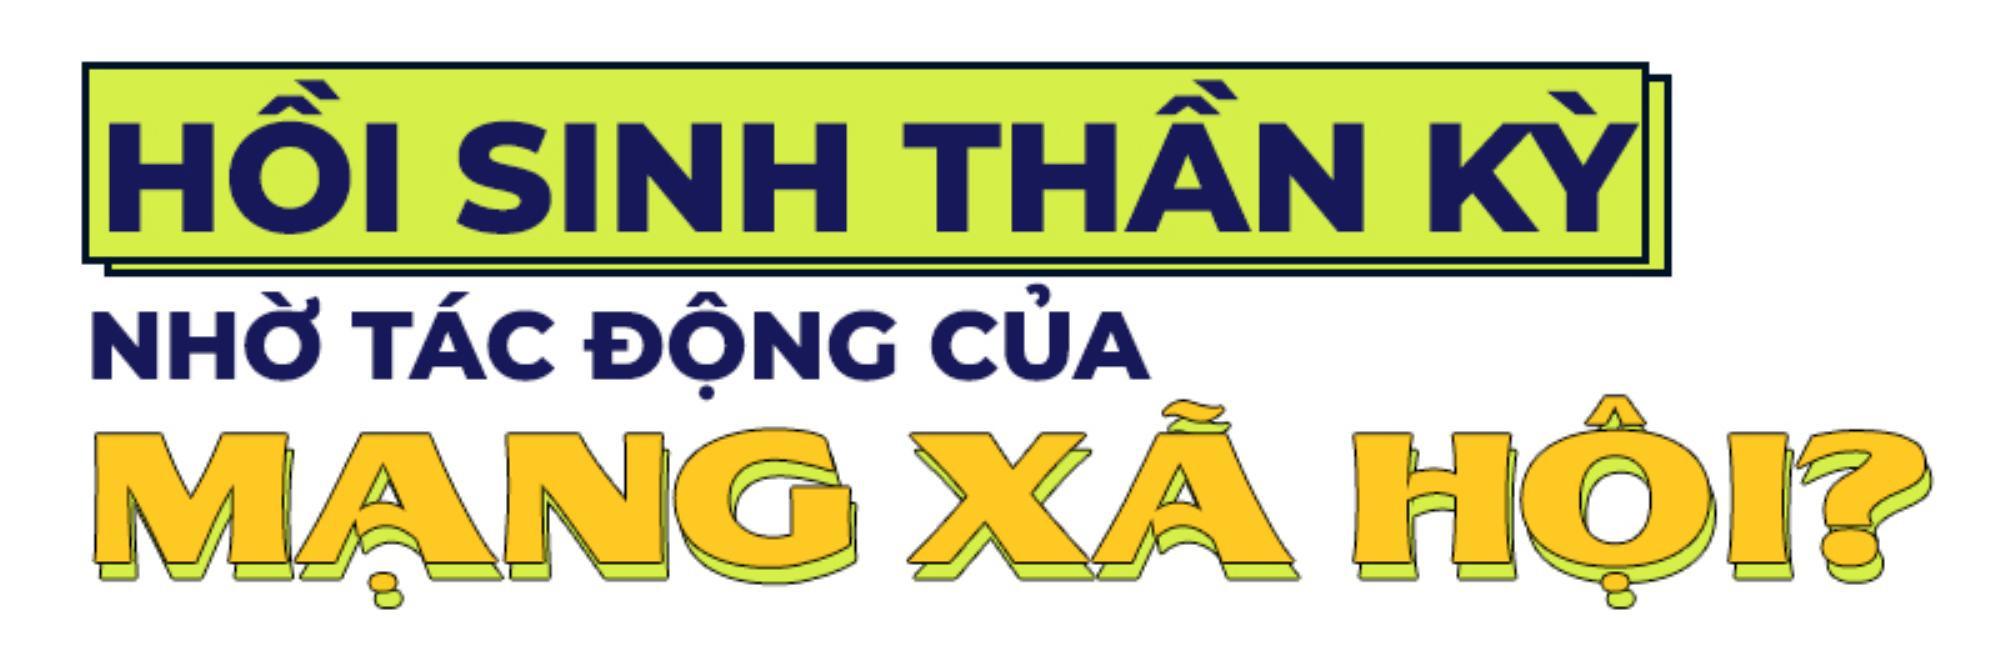 Nhạc ngoại lời Việt: 'Trào lưu' nên biết điểm dừng! Ảnh 7